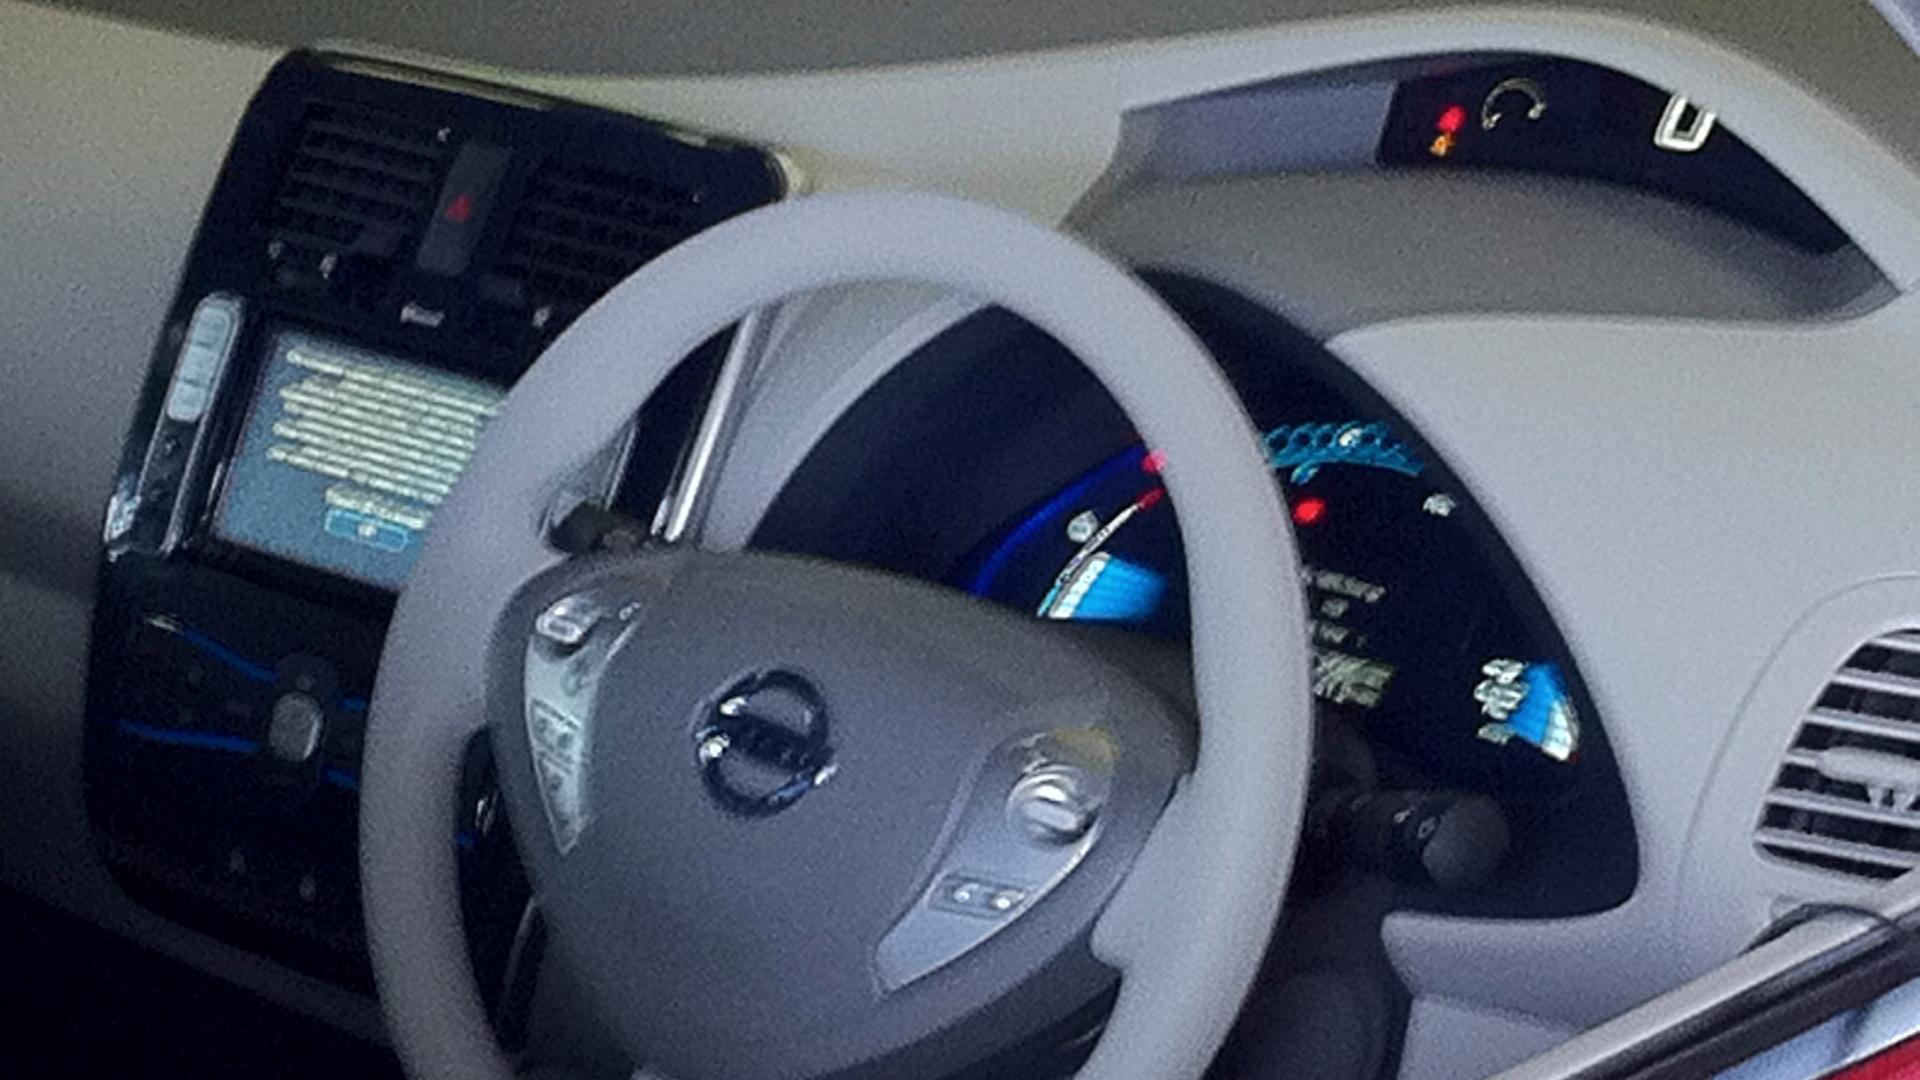 2011 Nissan Leaf Software Update